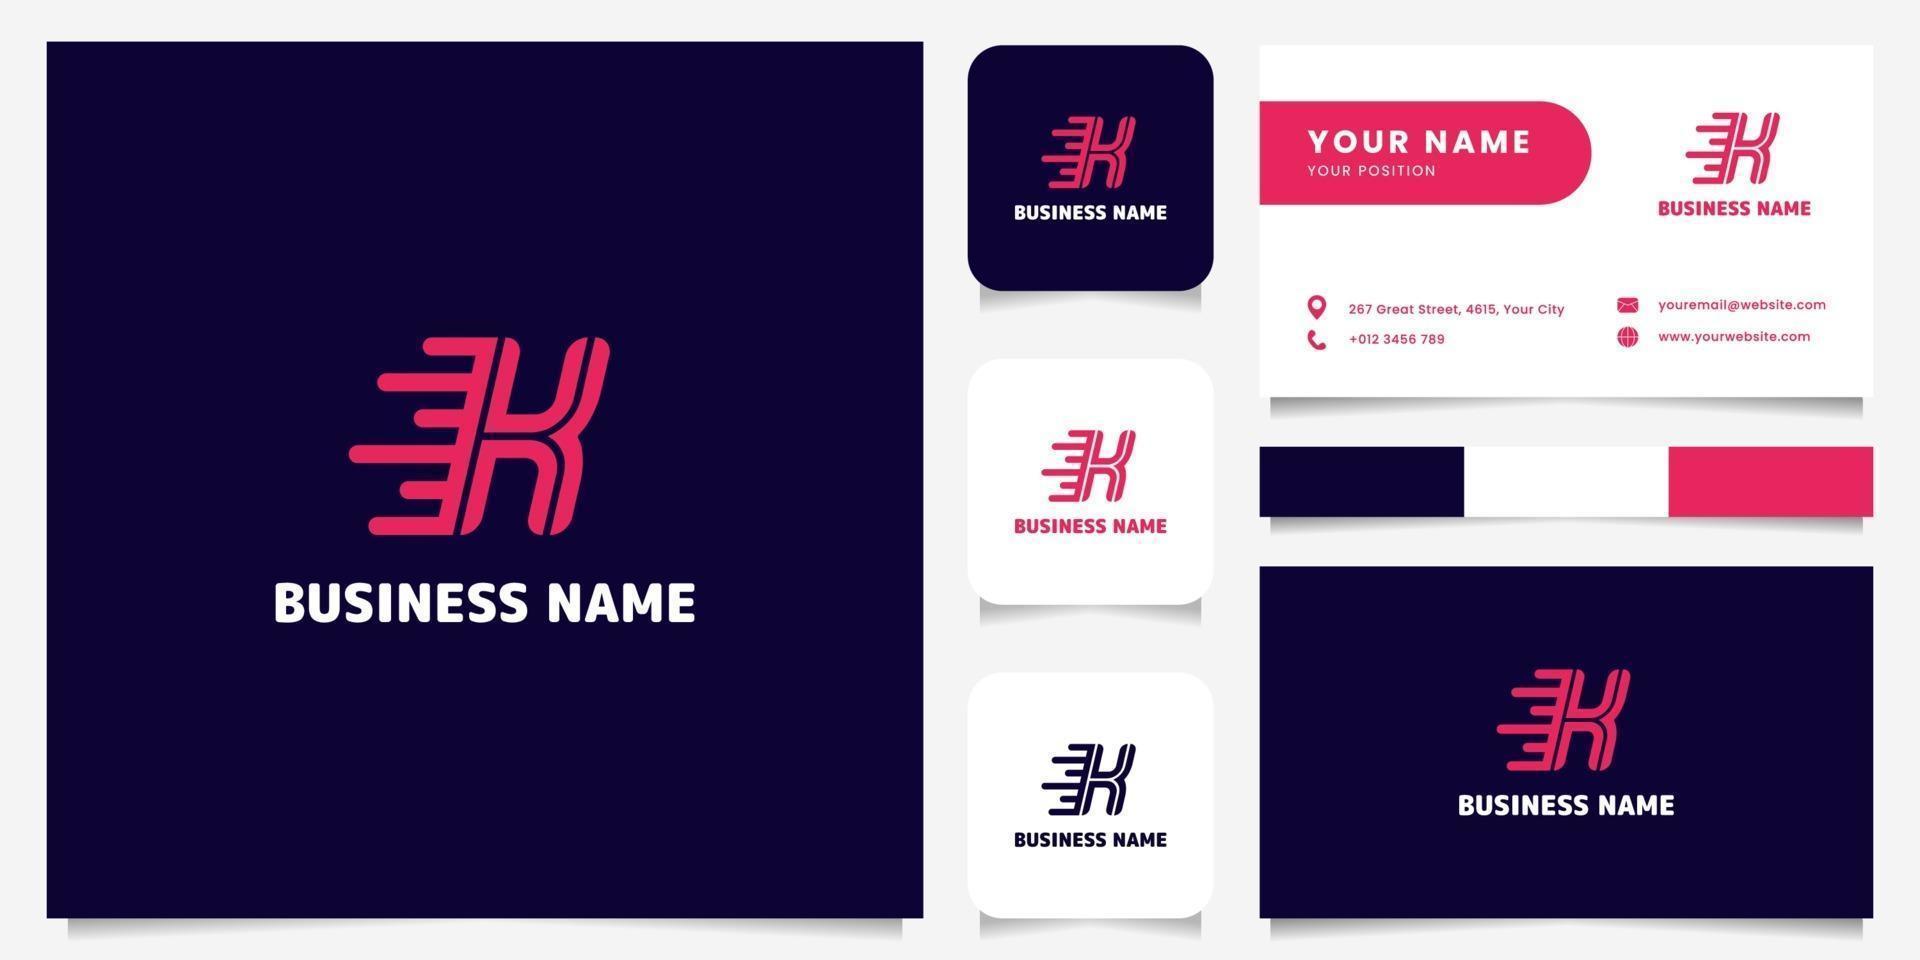 eenvoudig en minimalistisch helder roze letter k snelheidslogo in donkere achtergrondlogo met sjabloon voor visitekaartjes vector